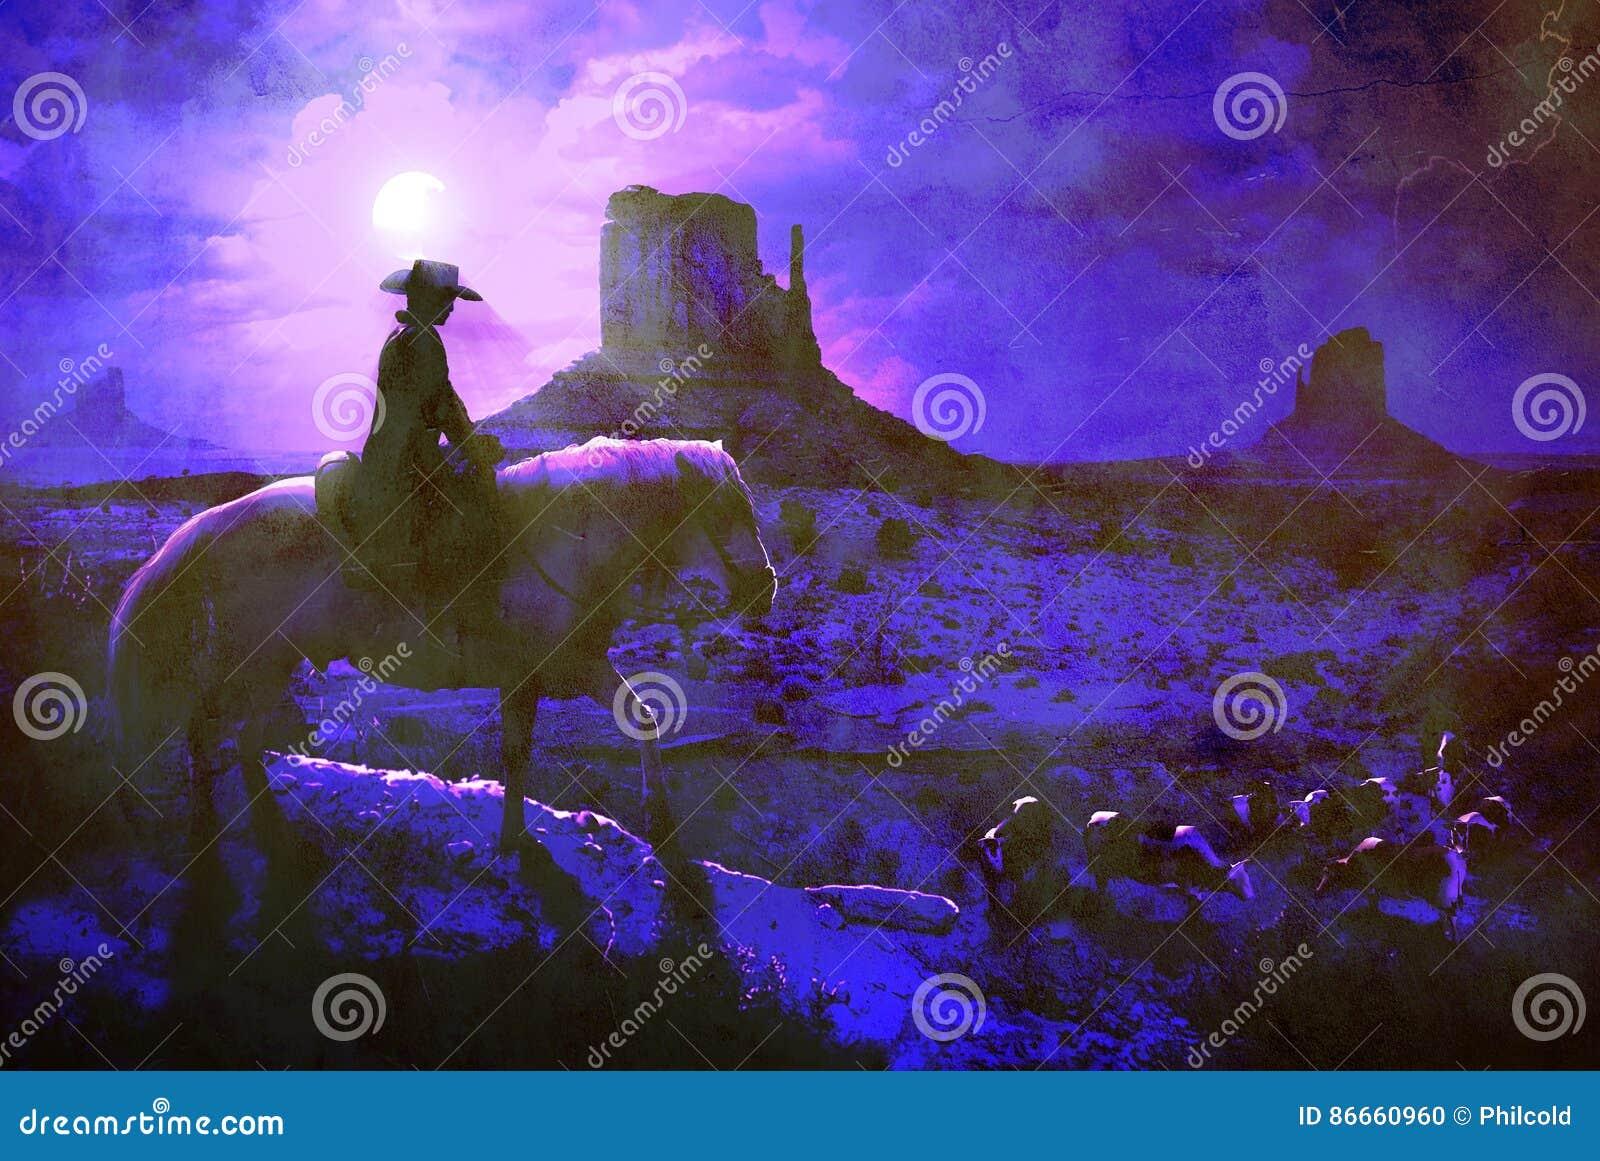 Vaquero en la noche